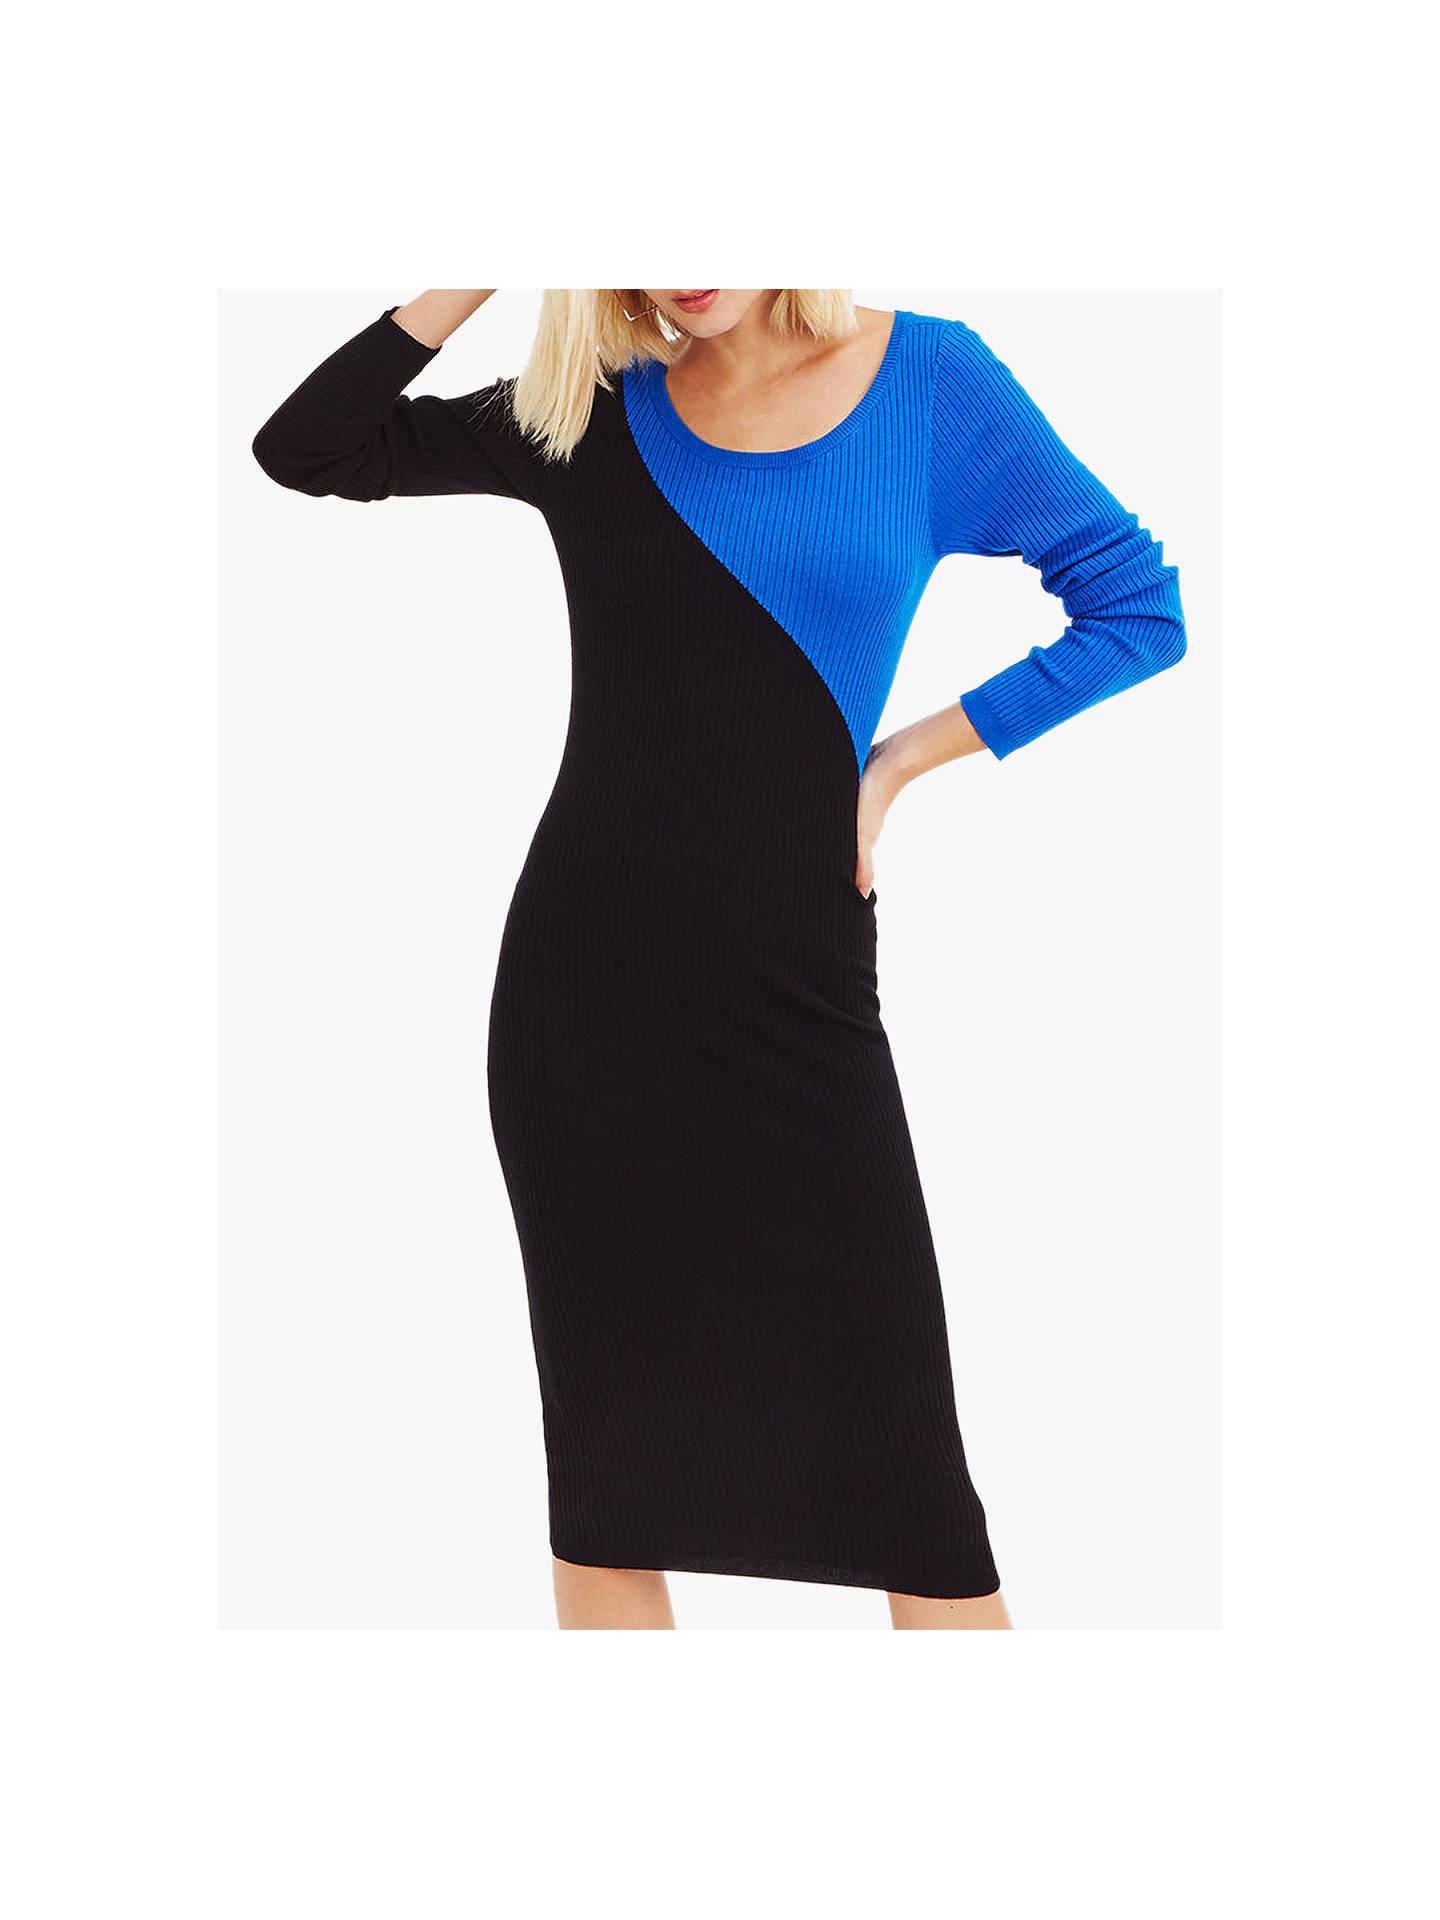 ad6ae2216dc Buy Oasis Breanna Colourblock Dress